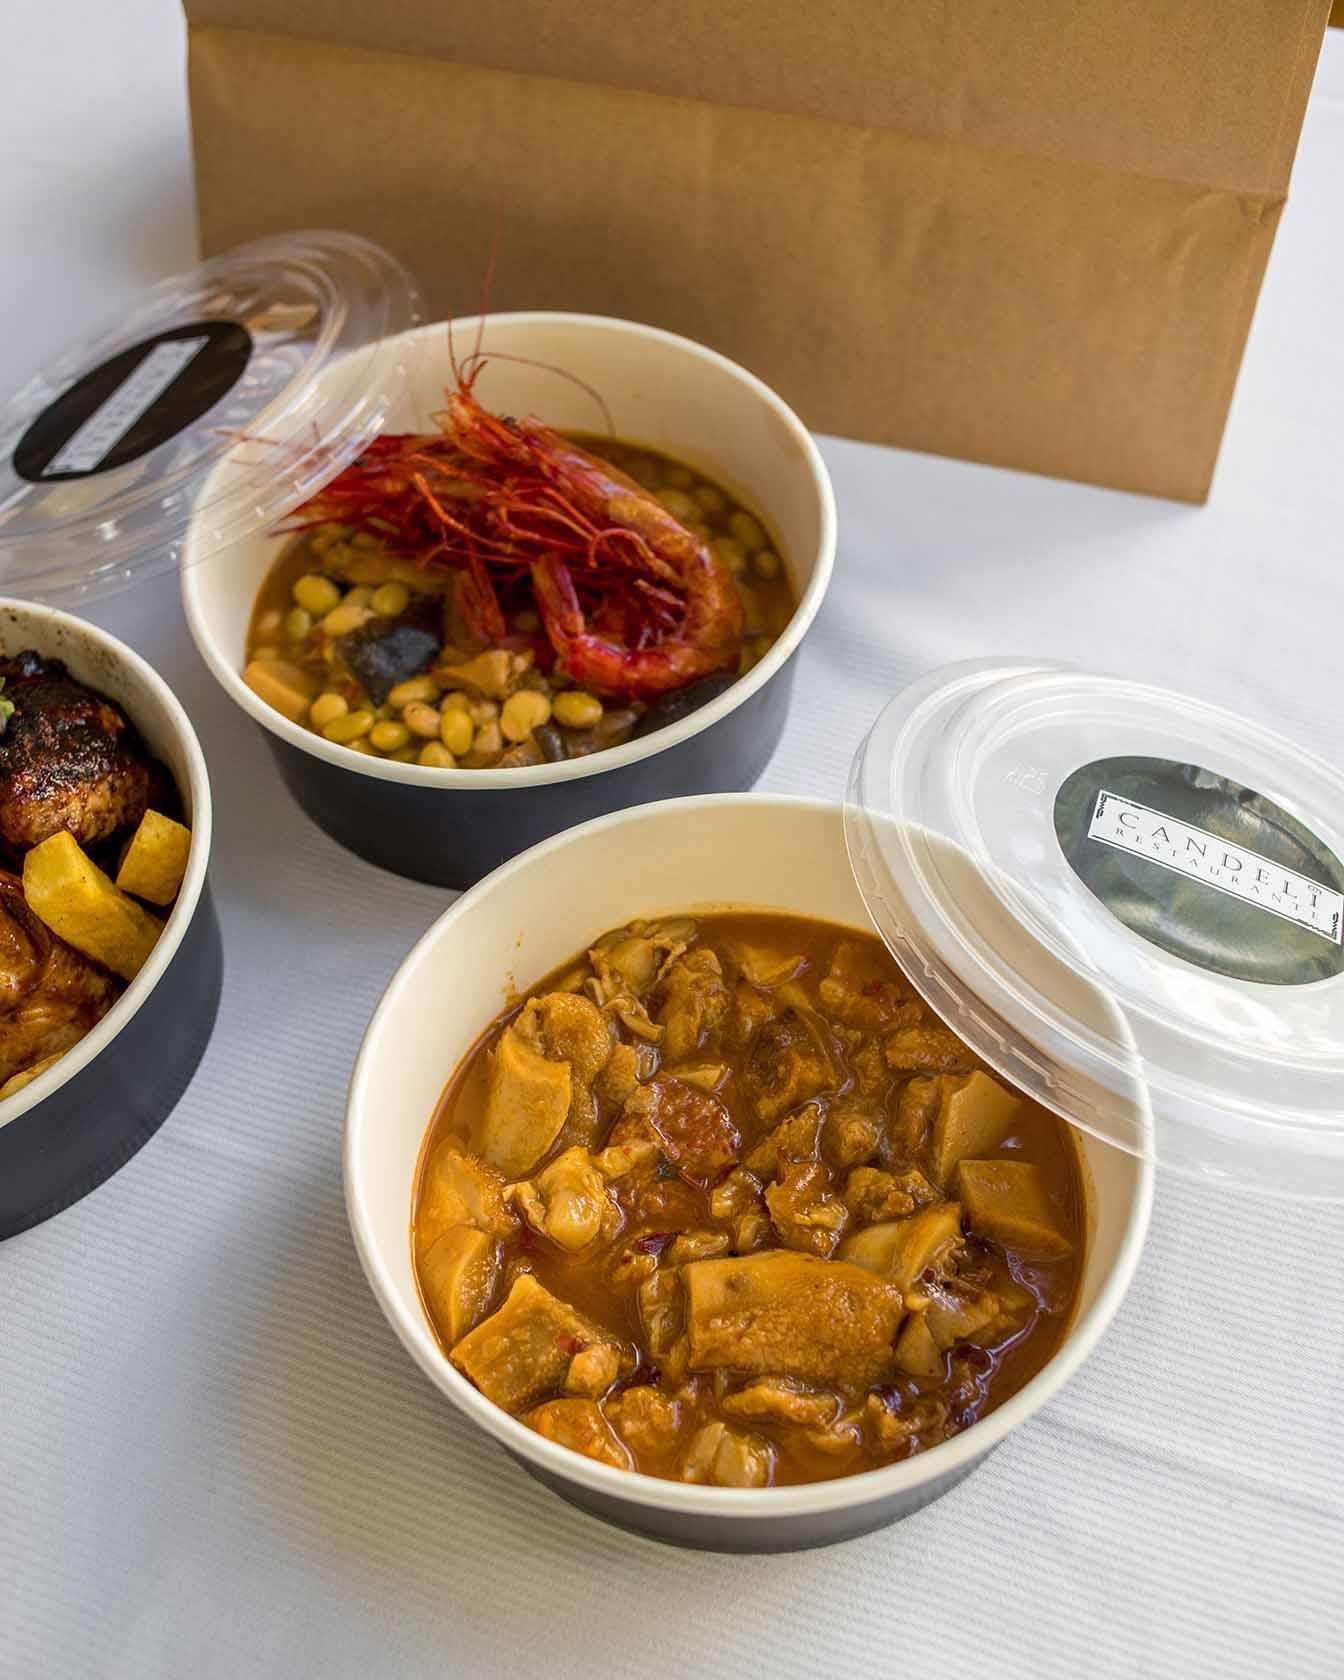 Candelivery los mejores restaurantes donde pedir comida en casa - candeliver 8de3bdf0 1344x1680